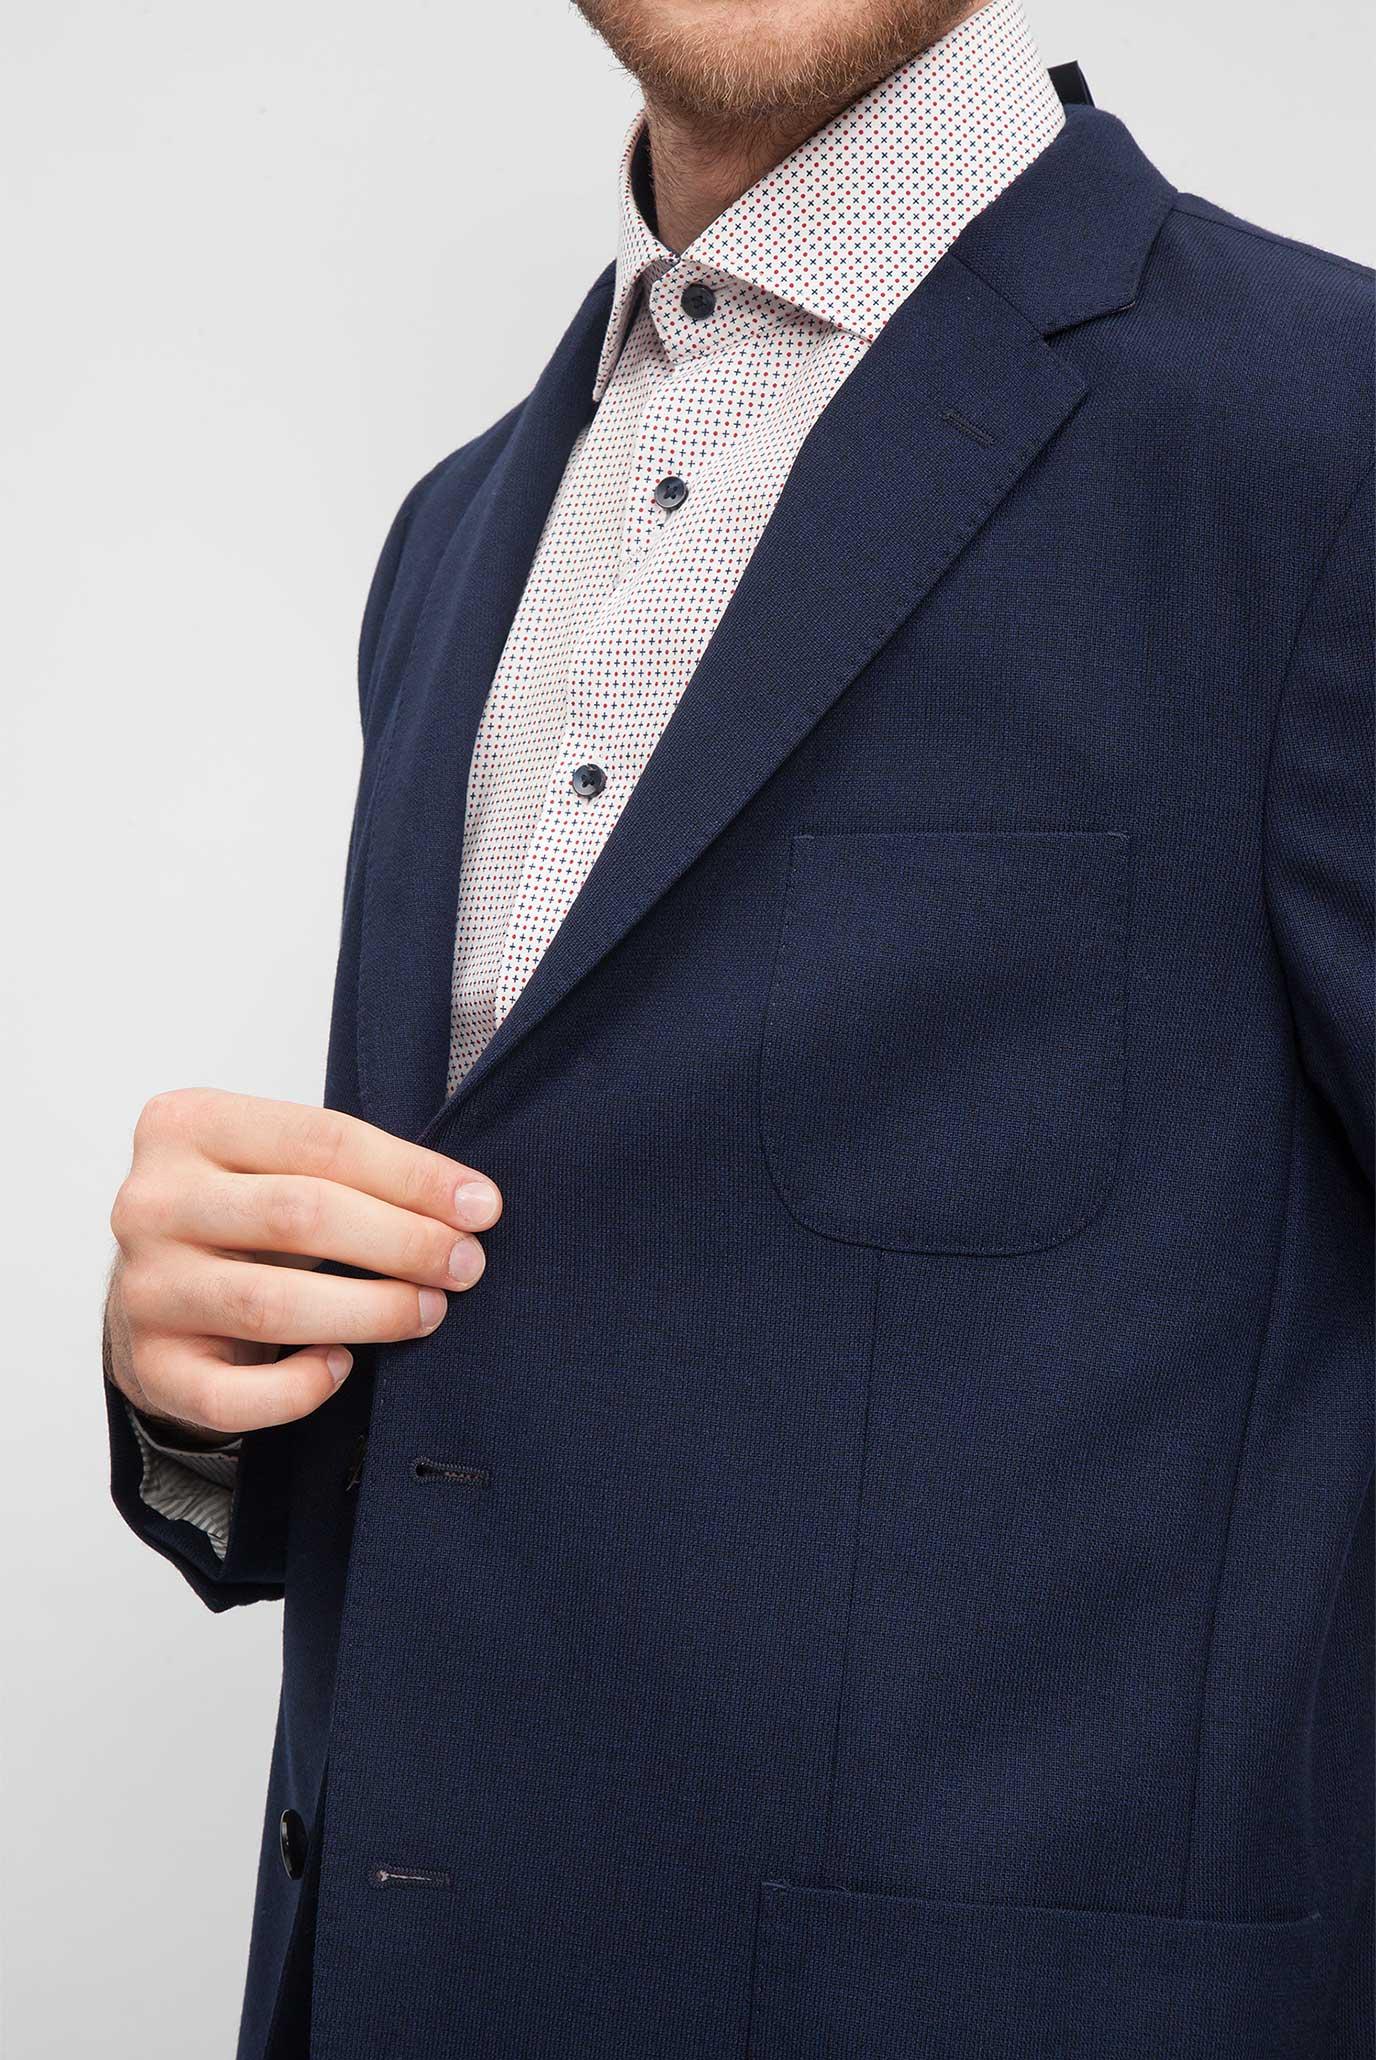 Купить Мужской синий блейзер Tommy Hilfiger Tommy Hilfiger TT0TT00031 – Киев, Украина. Цены в интернет магазине MD Fashion